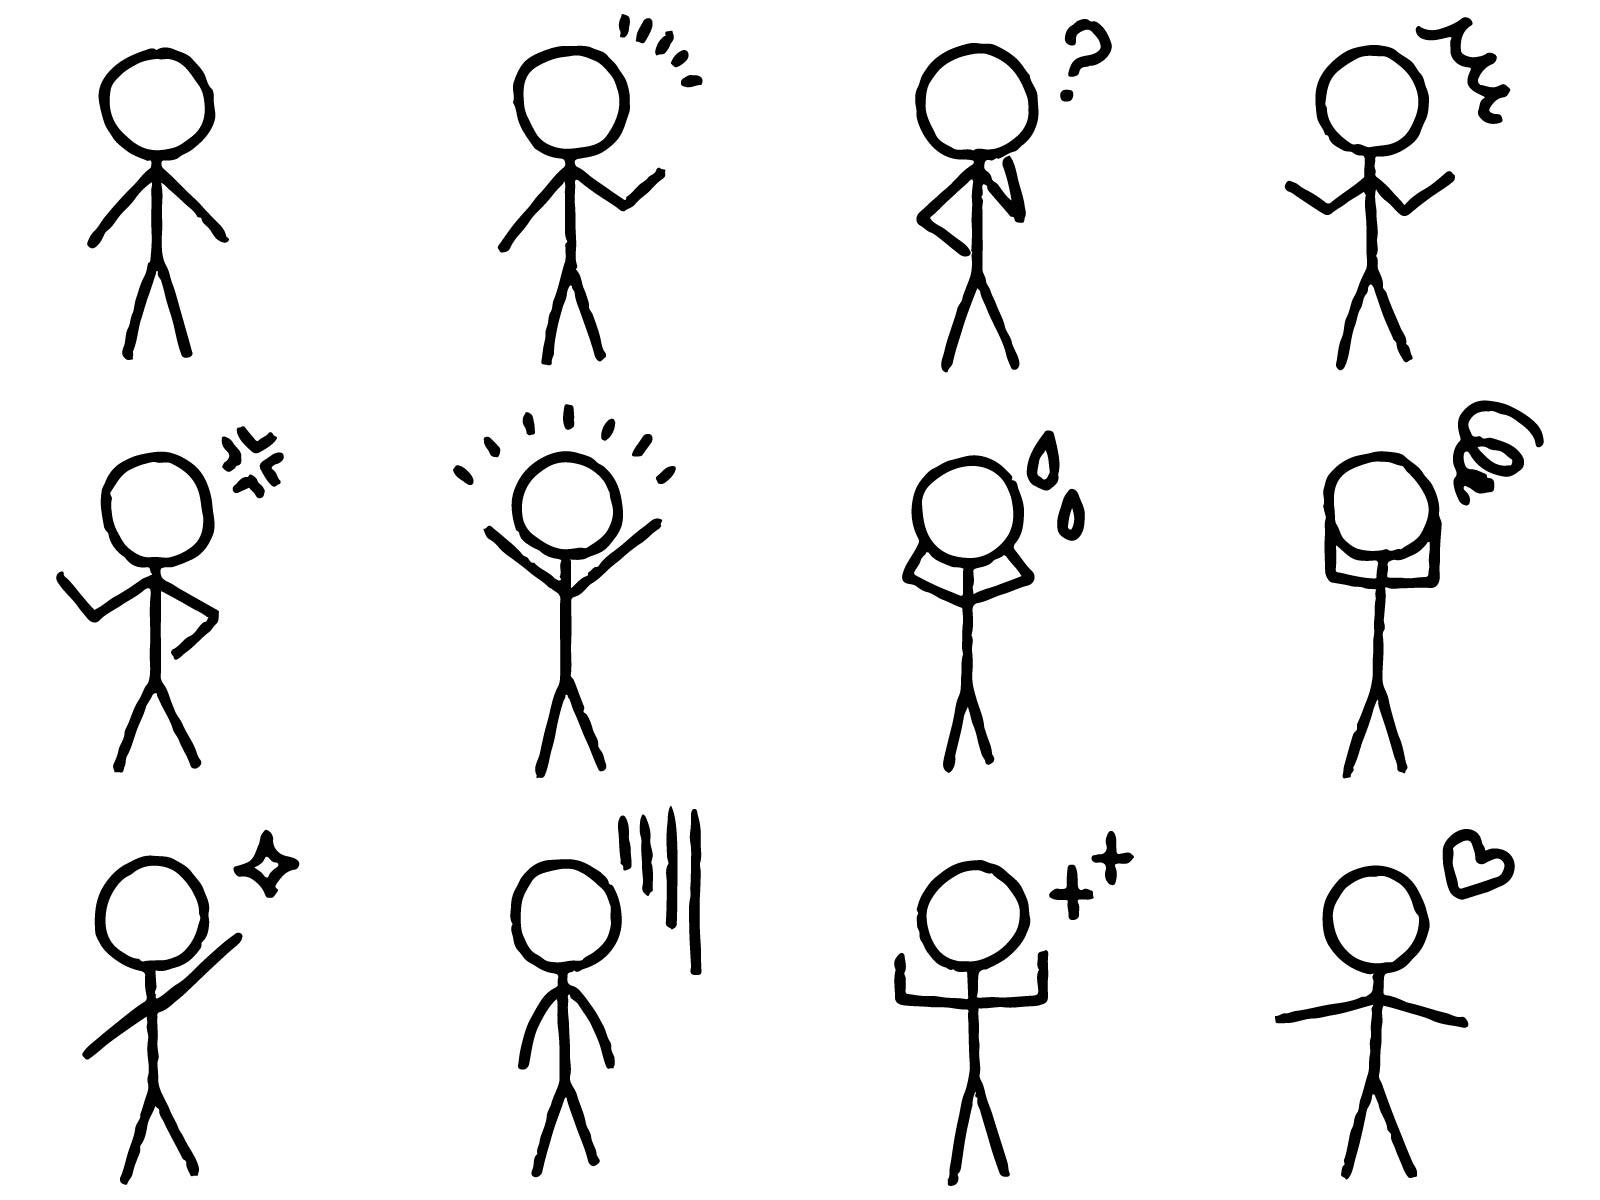 棒人間の描き方の画像